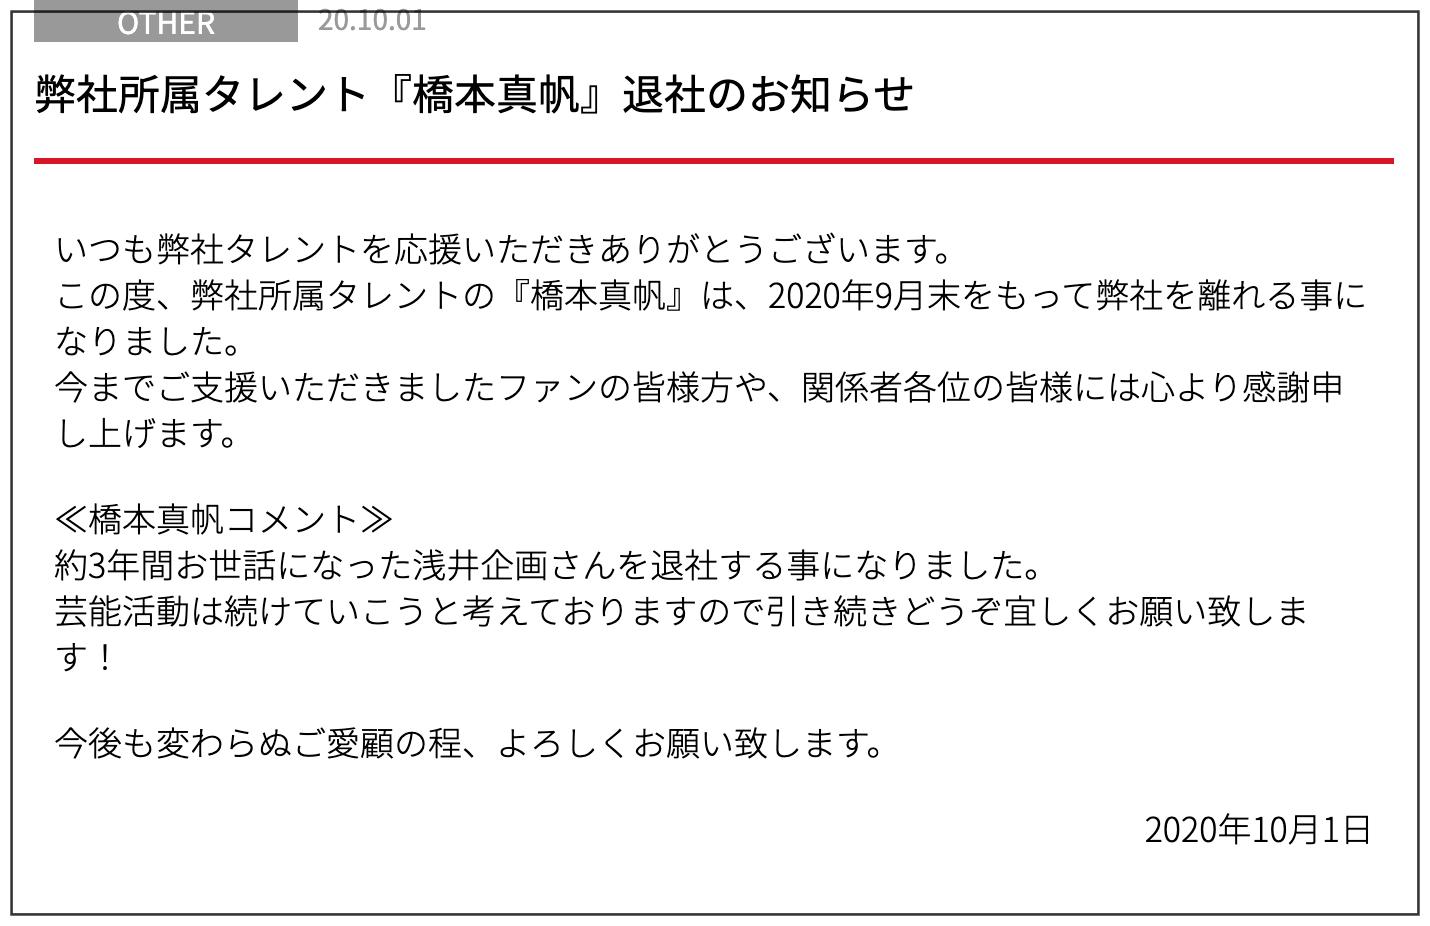 橋本真帆退所のお知らせ